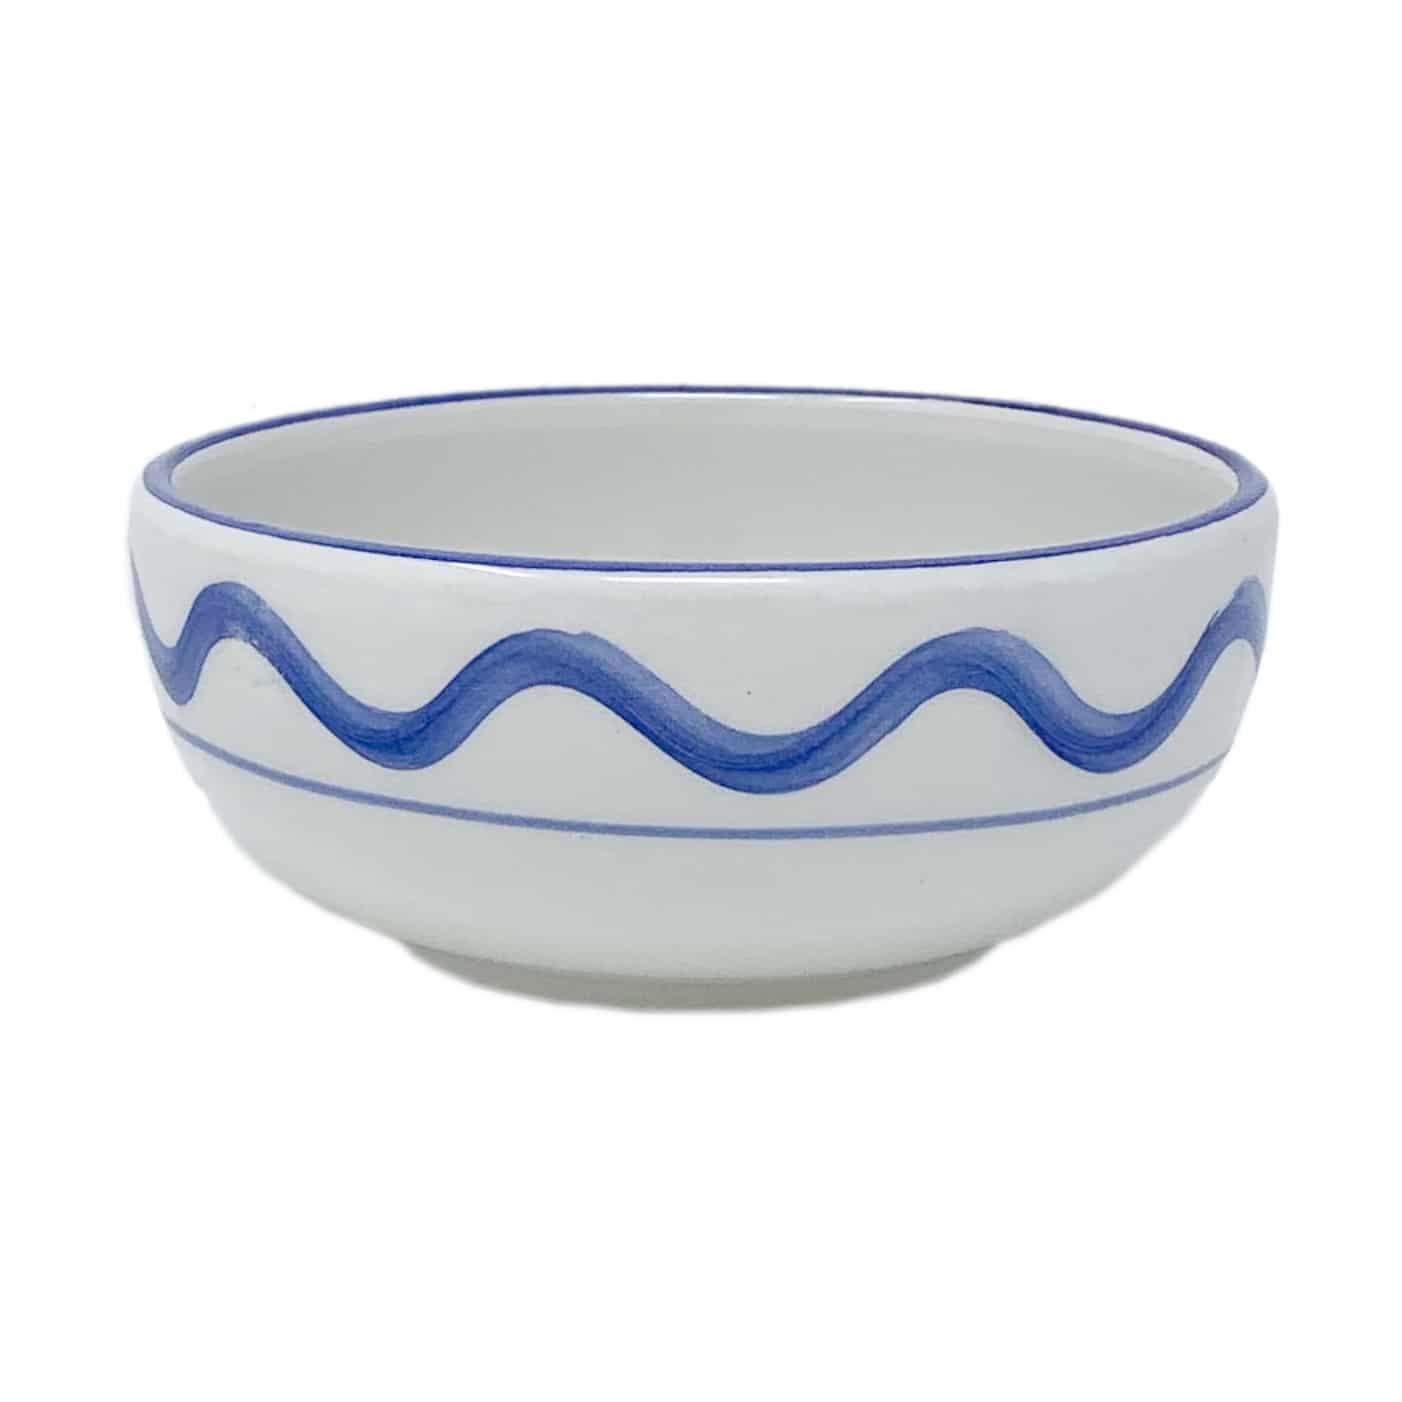 CIOTOLINA DECORO BLUE SEVRES Crescentini - prodotti tipici romagnoli